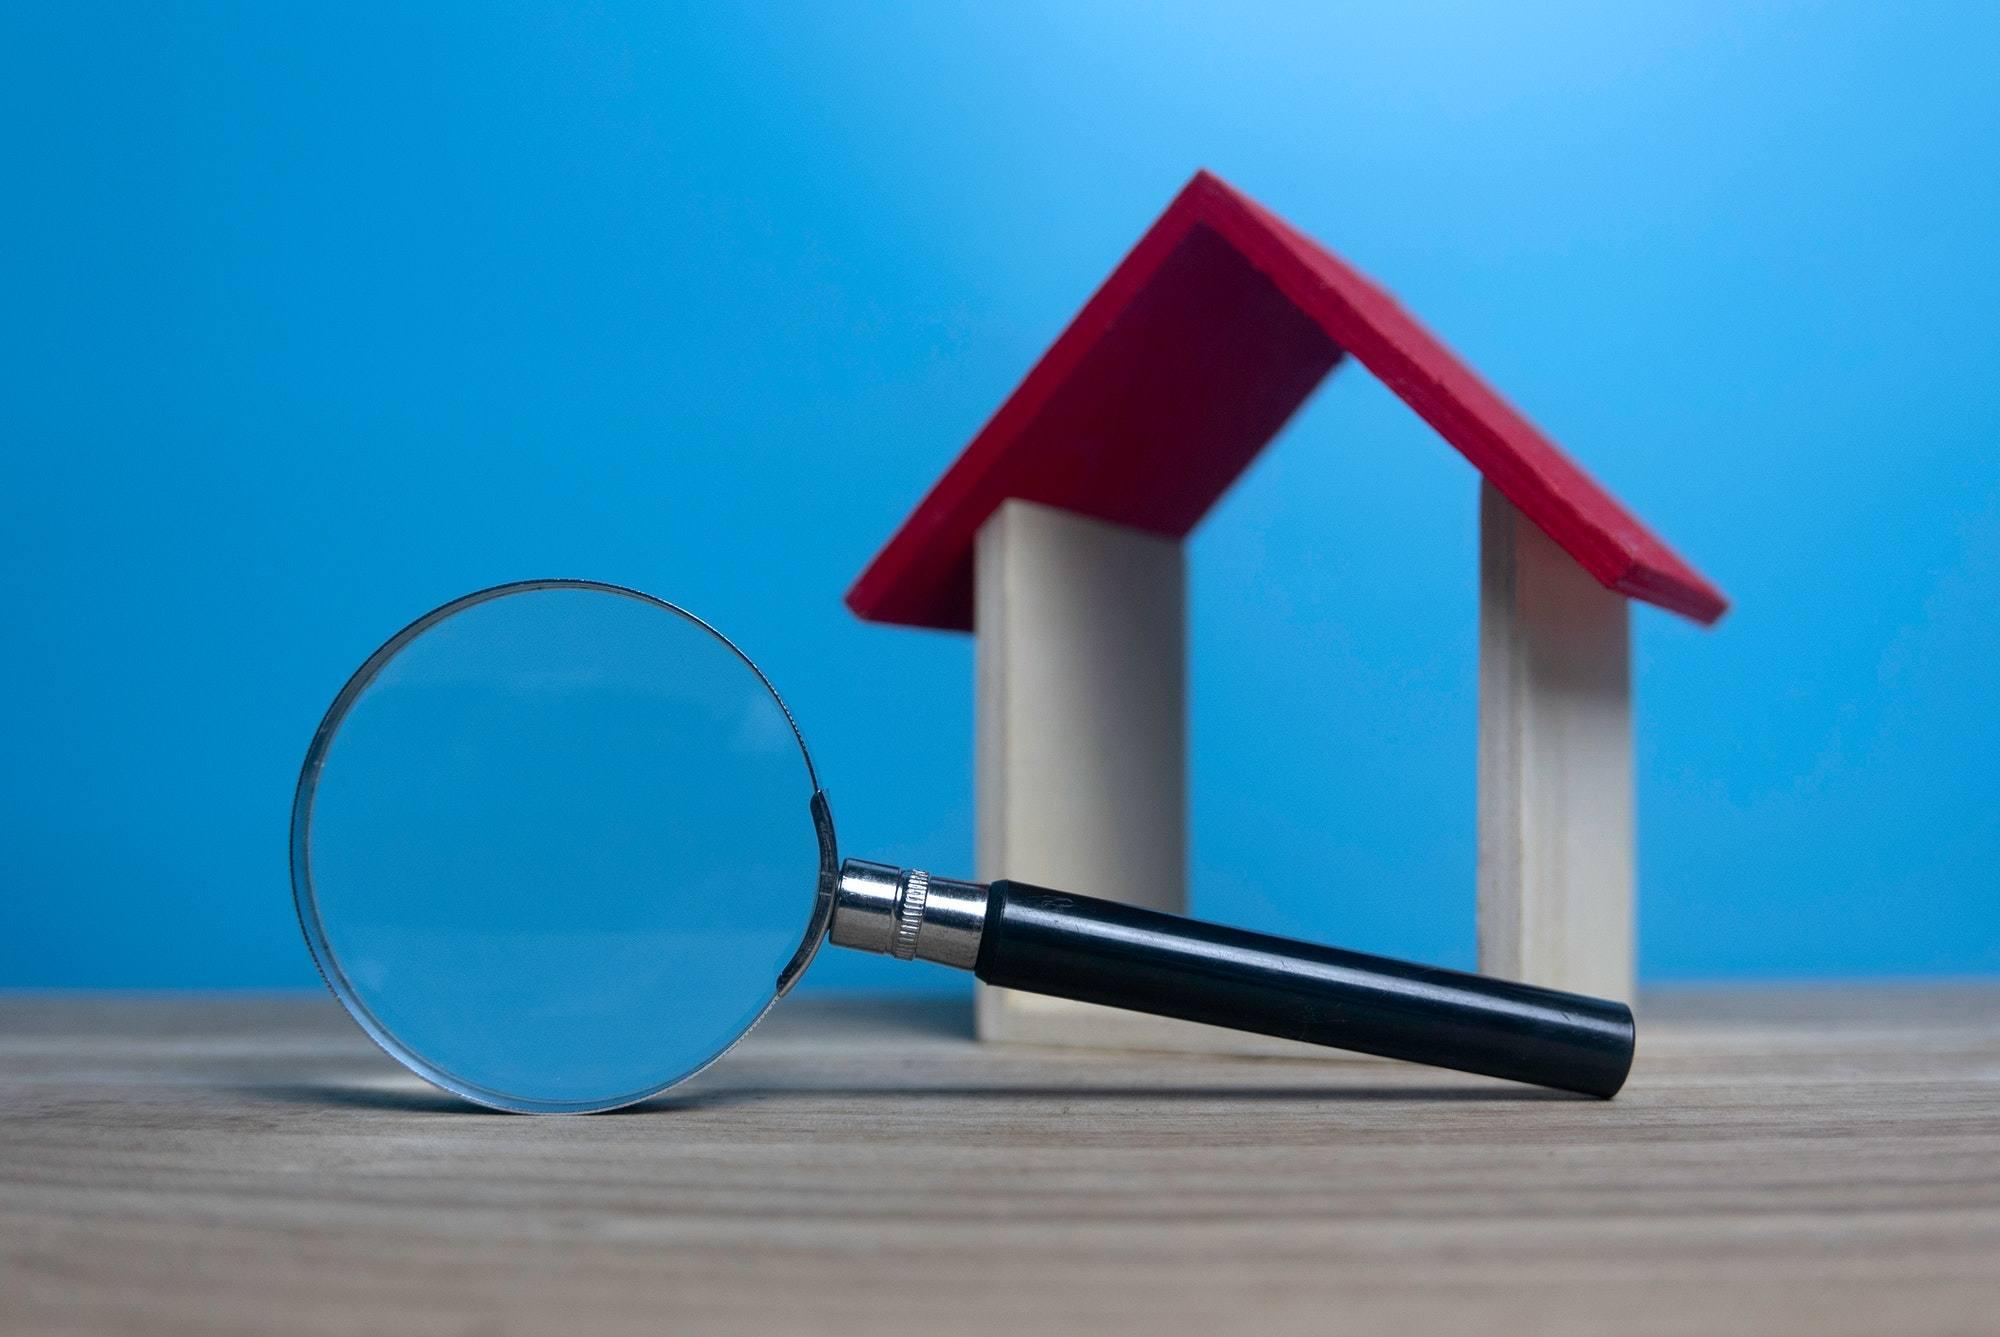 Real estate search concept